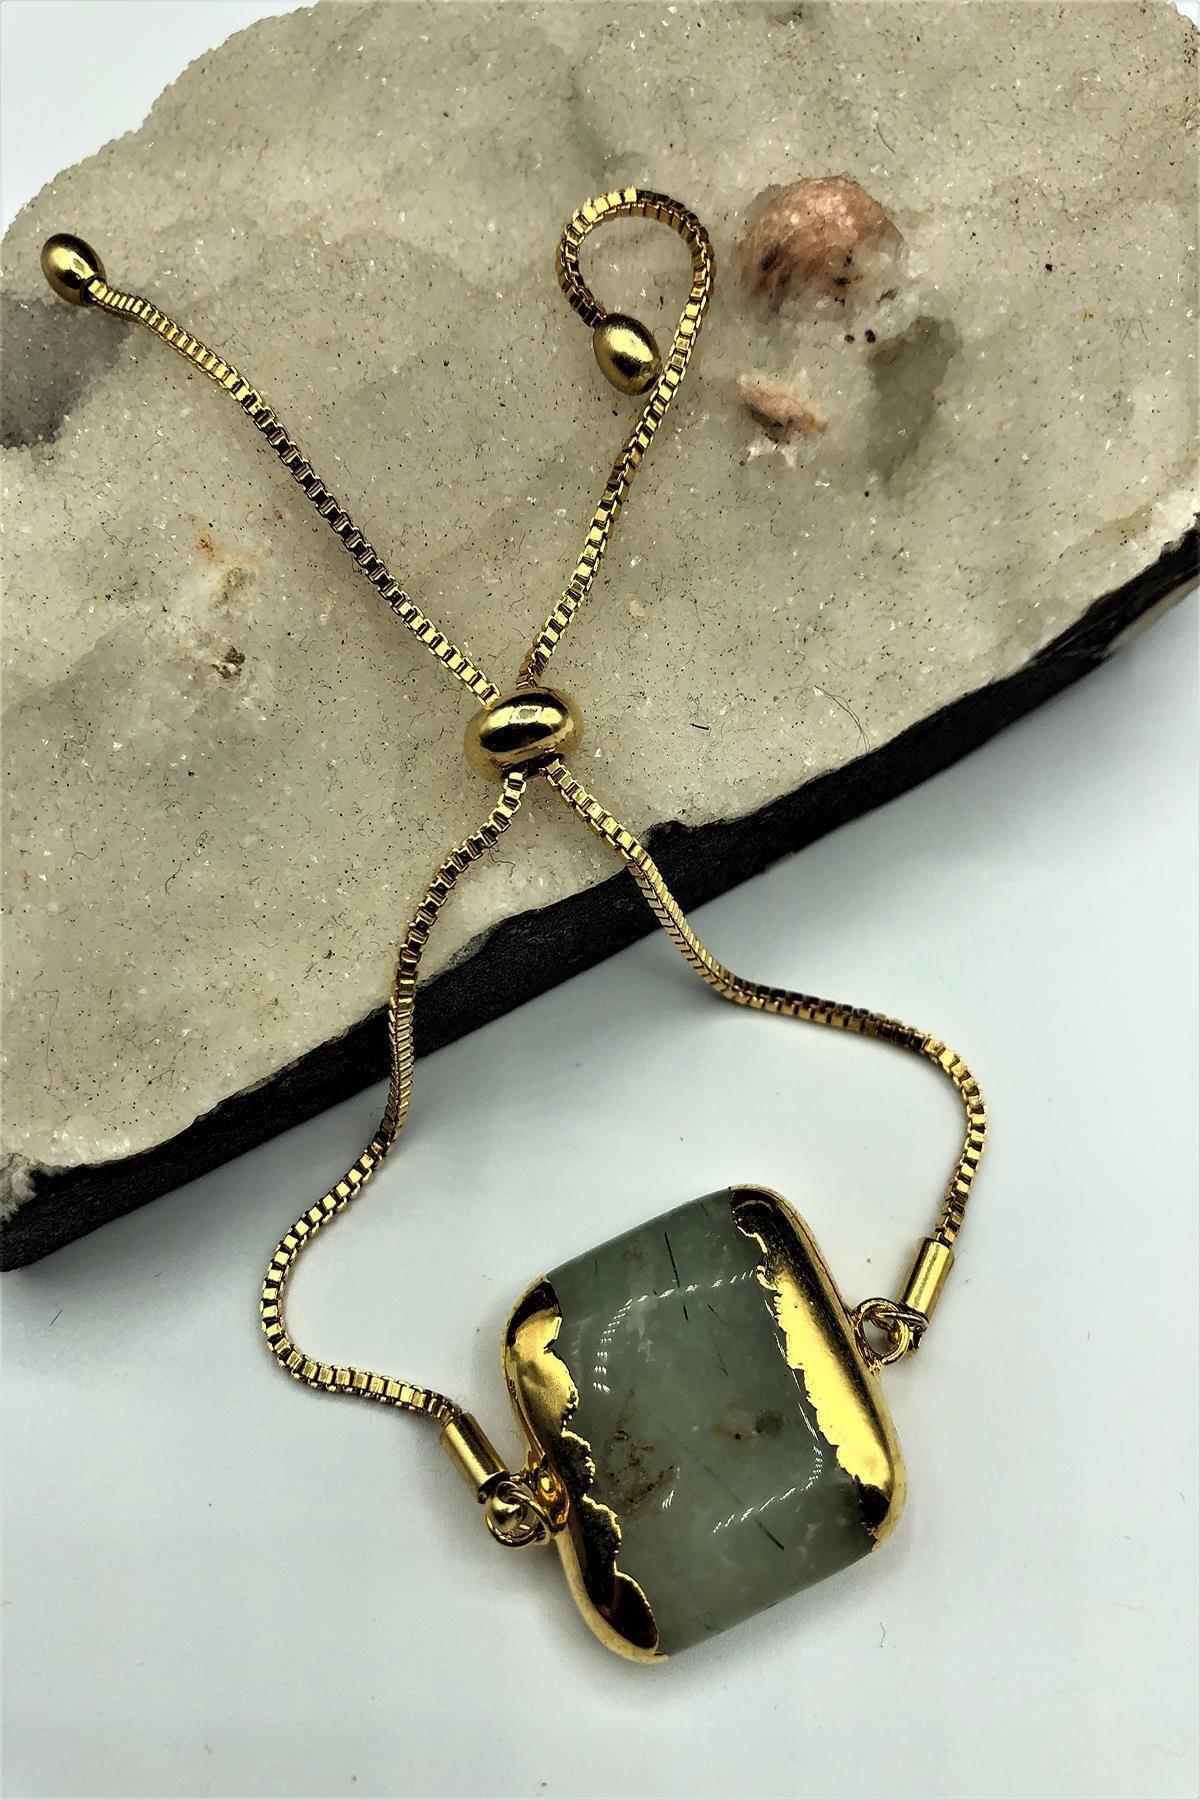 Dr. Stone Dr Stone Golden Zebercet Taşı 22k Altın Kaplama El Yapımı Kadın Bileklik Tkrb2 1